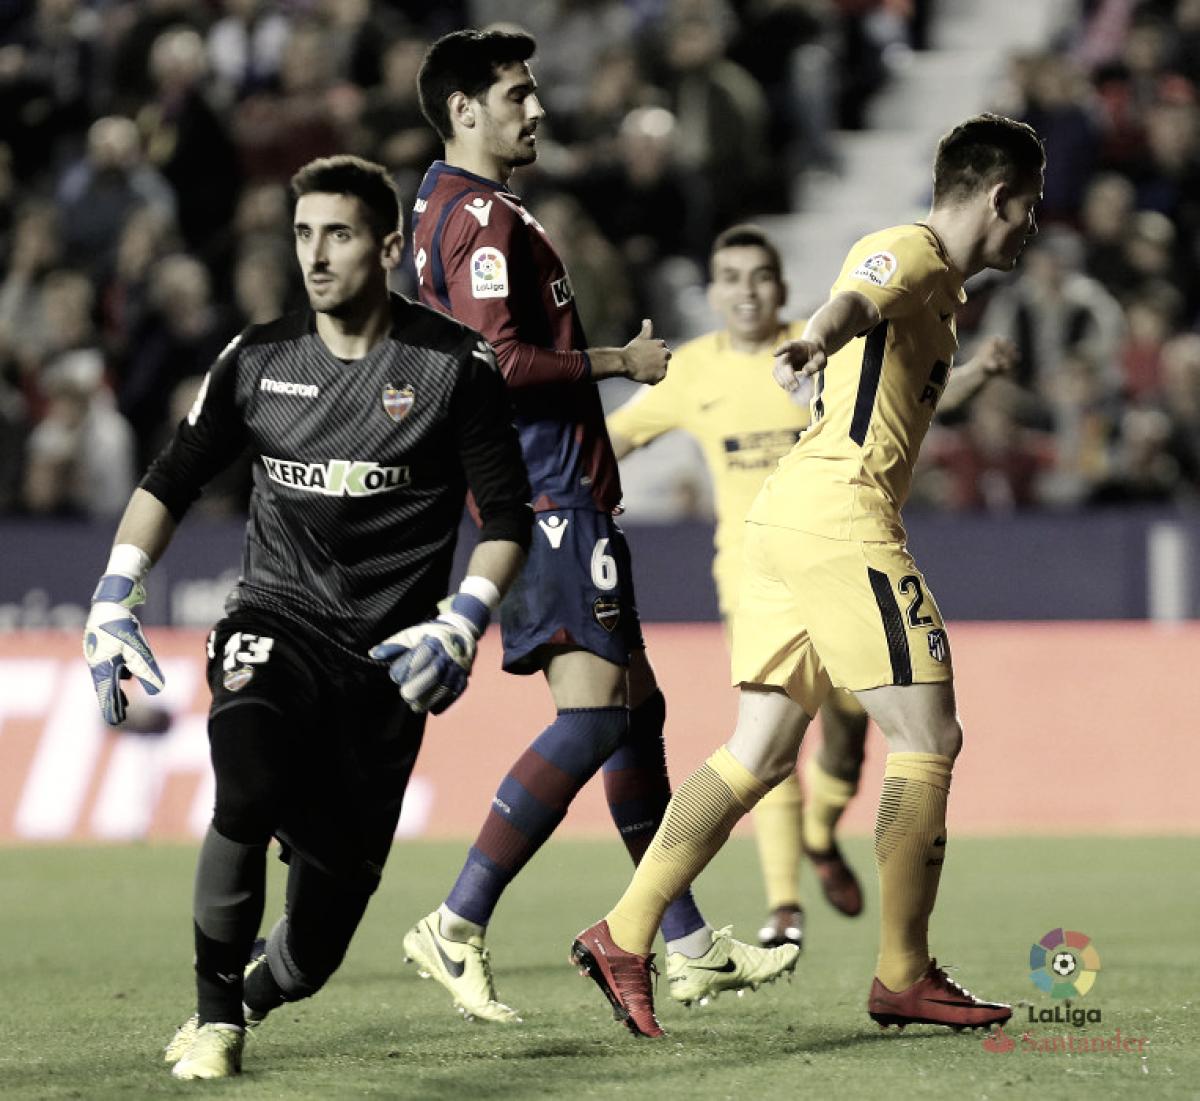 ¿Qué pasó en los anteriores Atlético de Madrid-Levante?